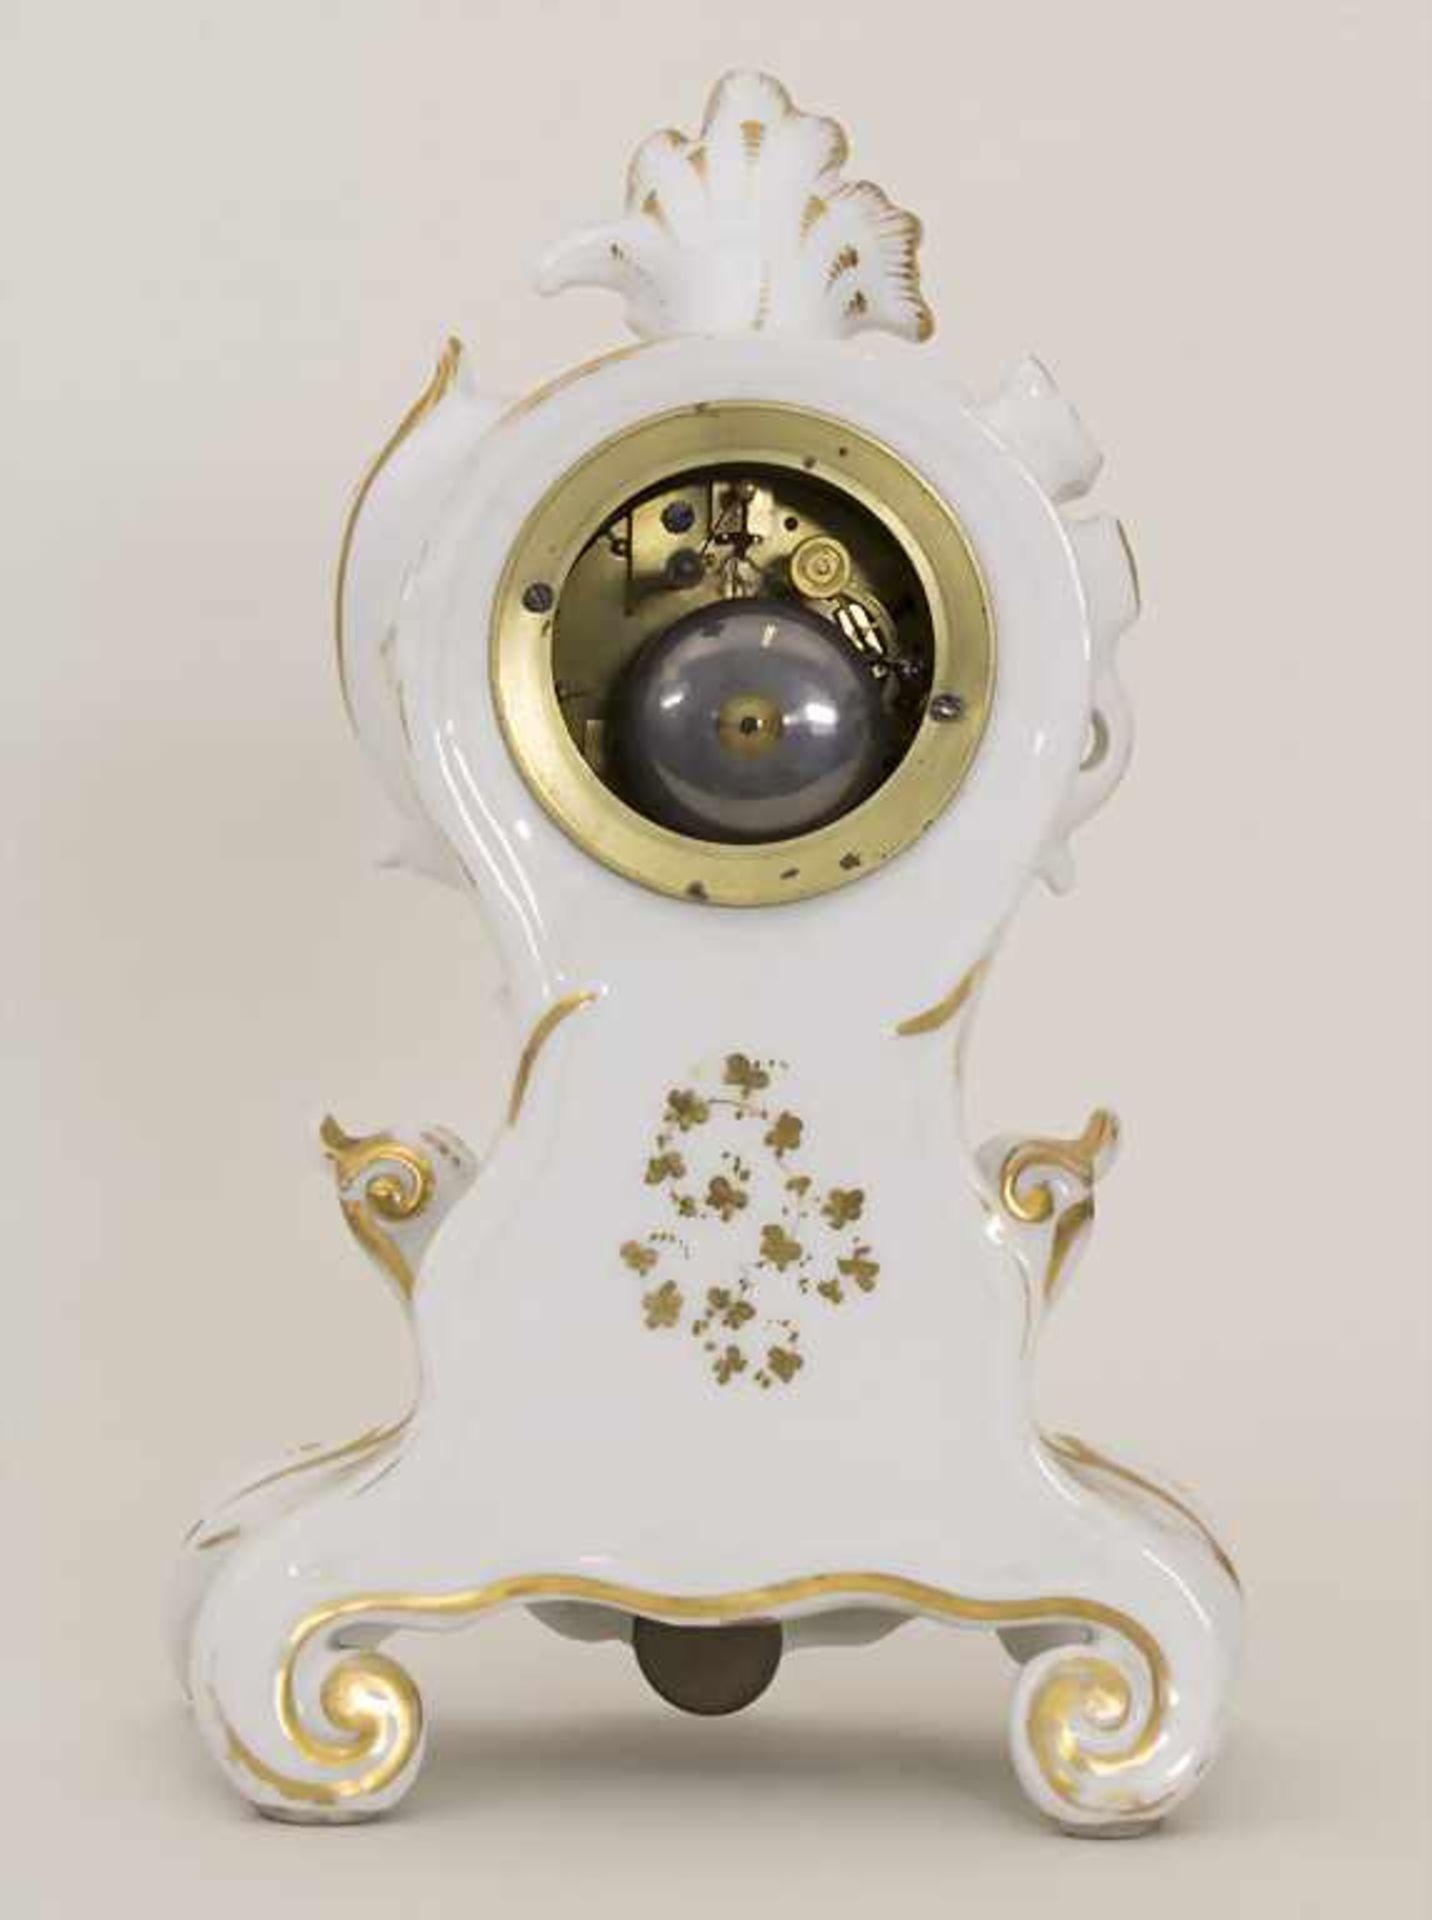 Biedermeier Kaminuhr / A Biedermeier mantel clock, Frankreich, 19. Jh. - Bild 5 aus 9